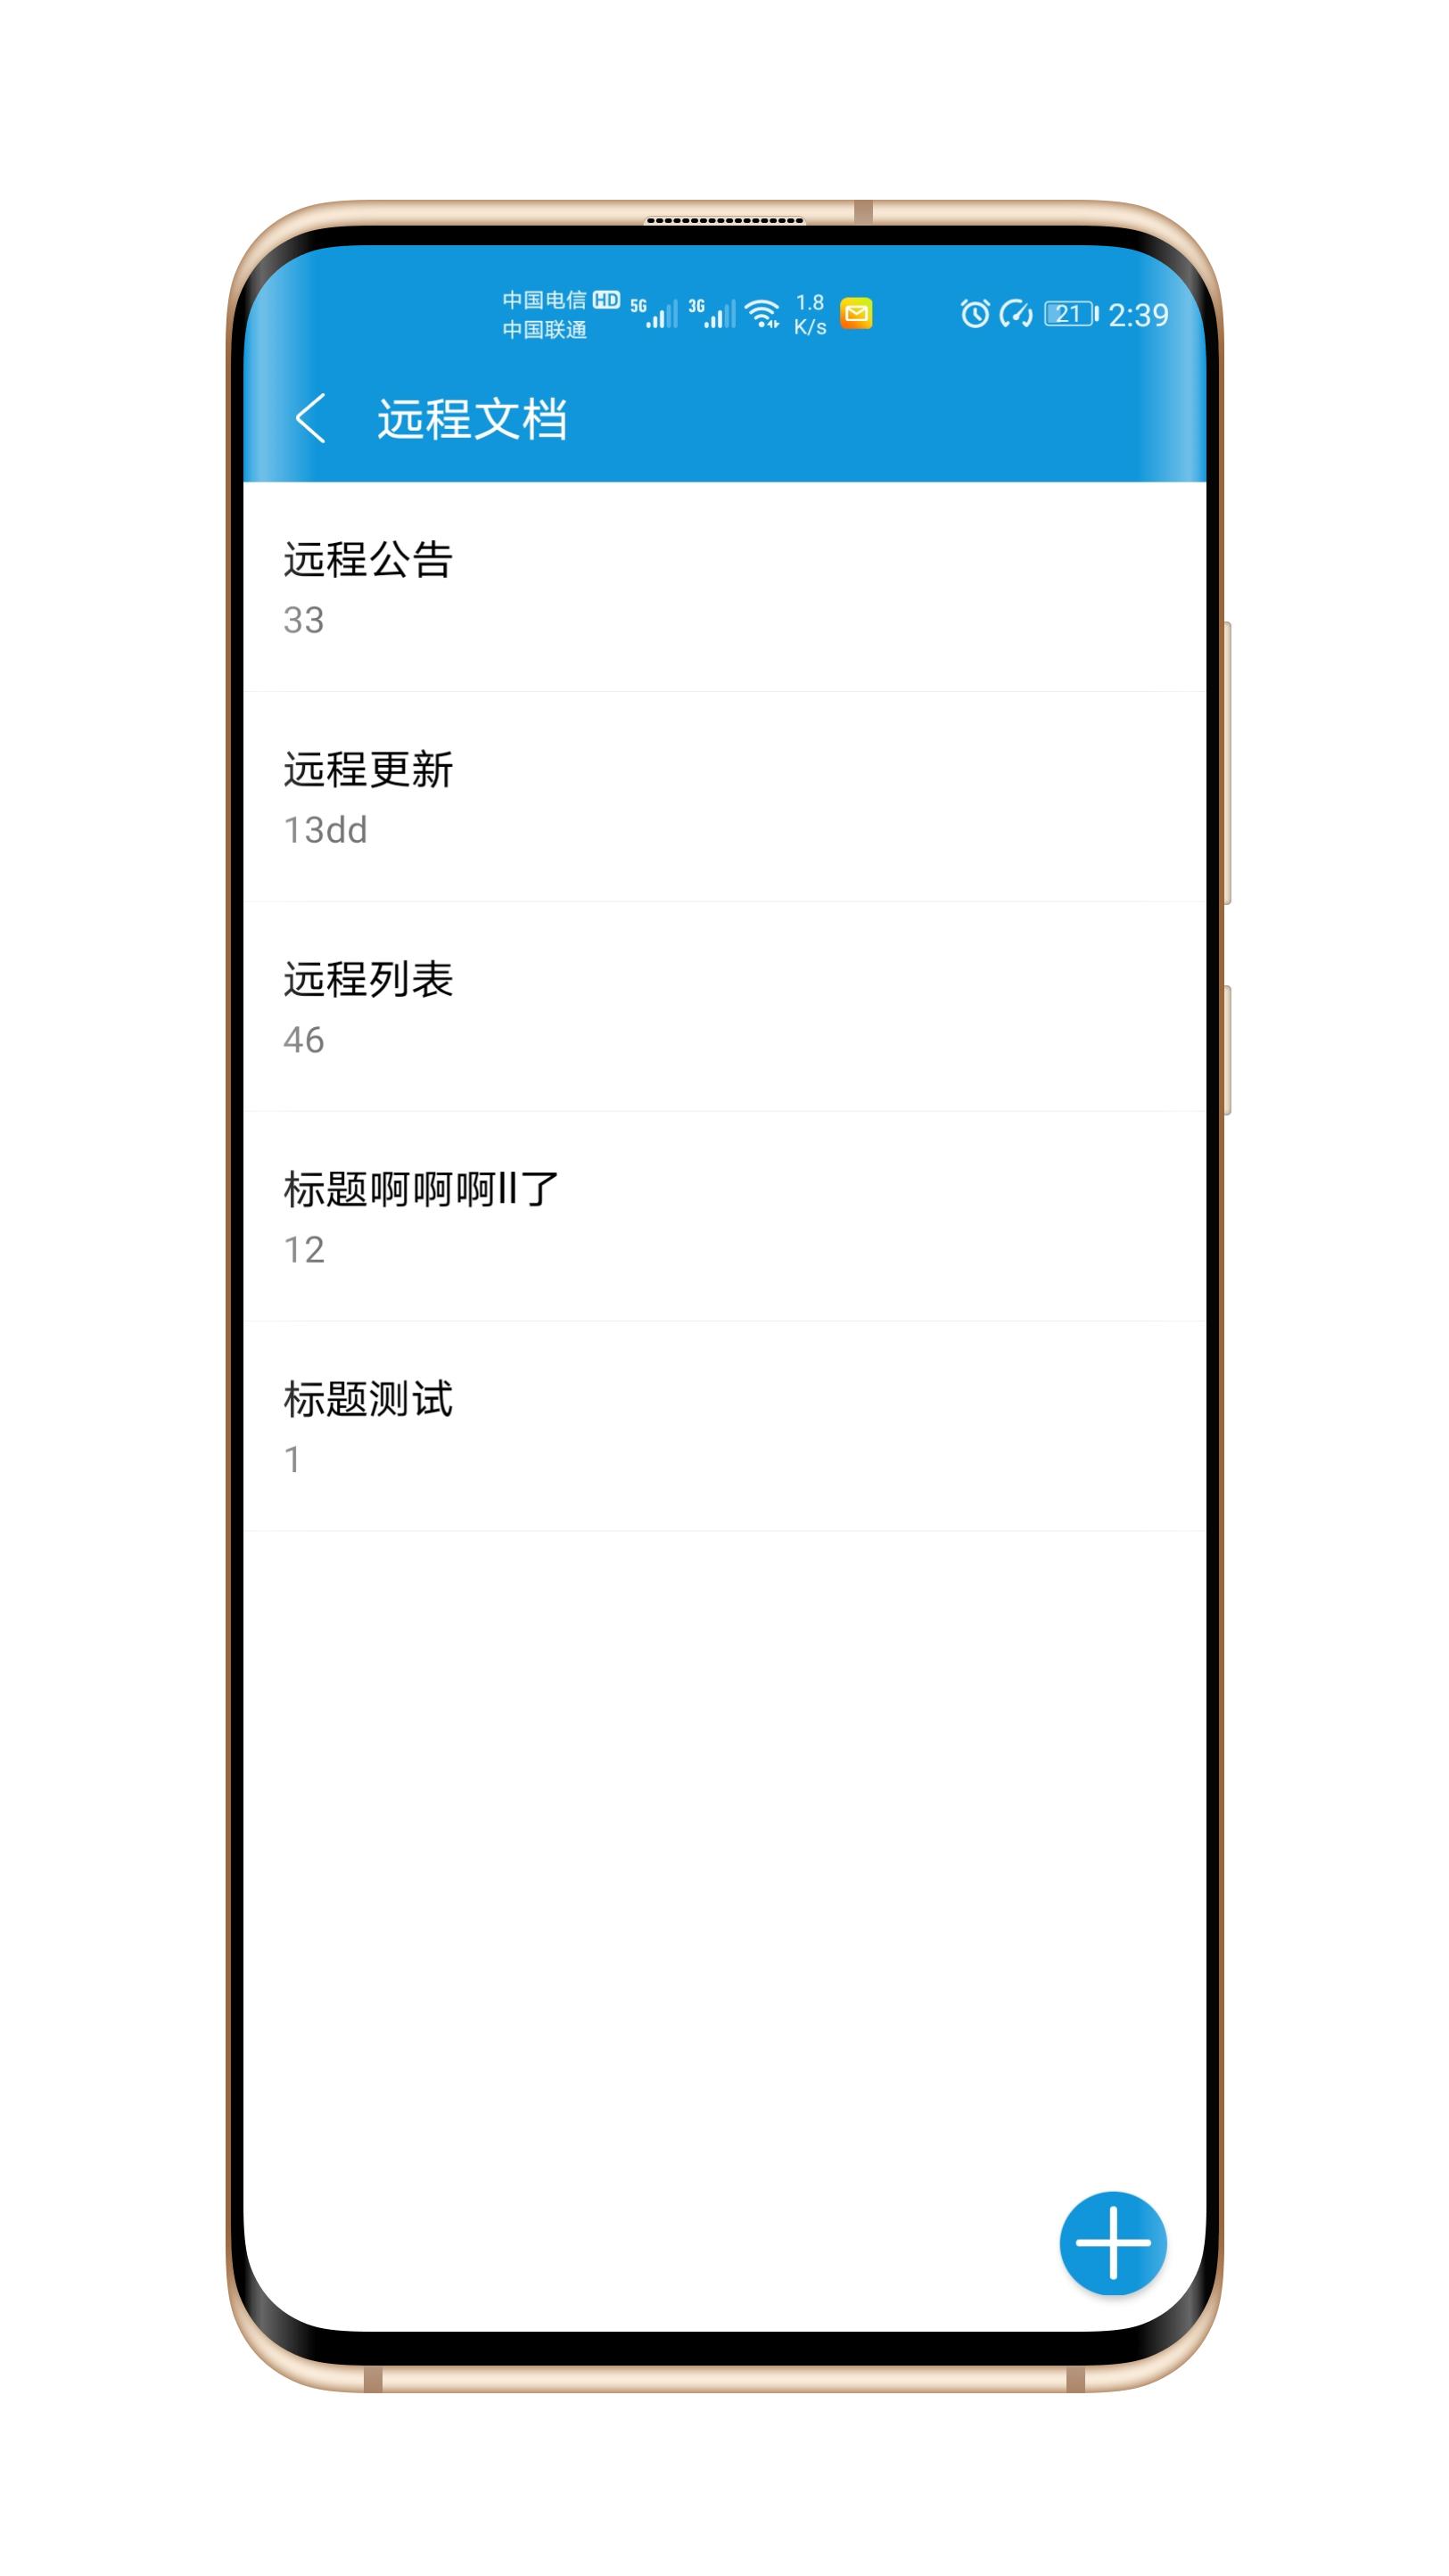 云接口 提供接口支付/邮箱/远程文档